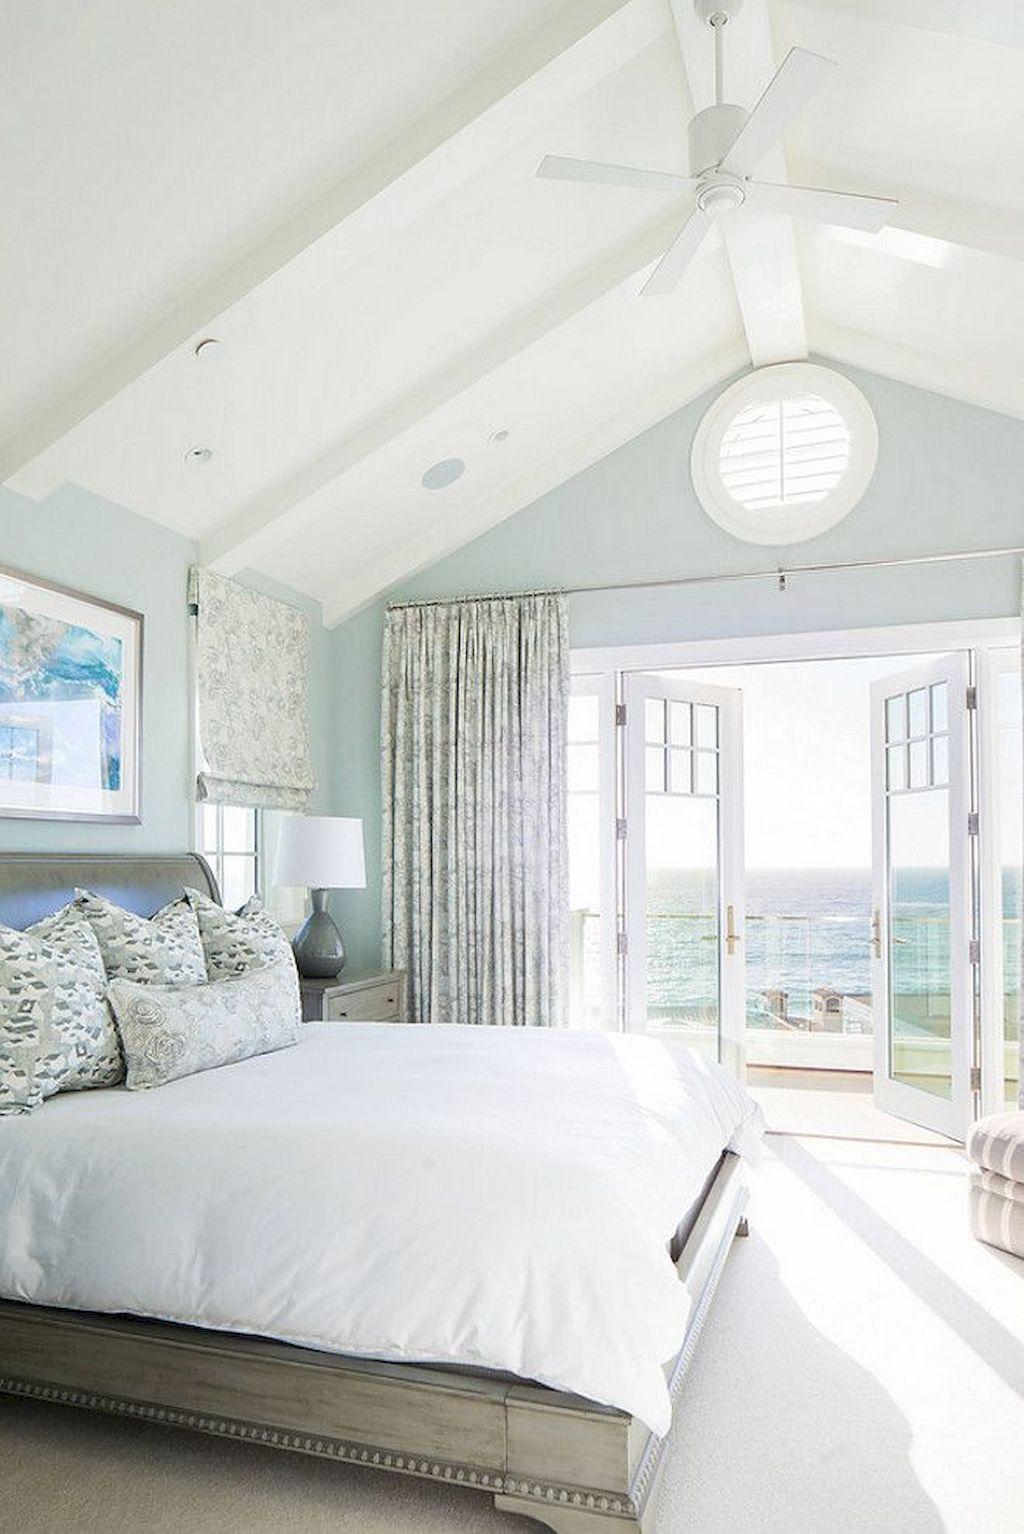 chambre deco bord de mer bleu clair mur